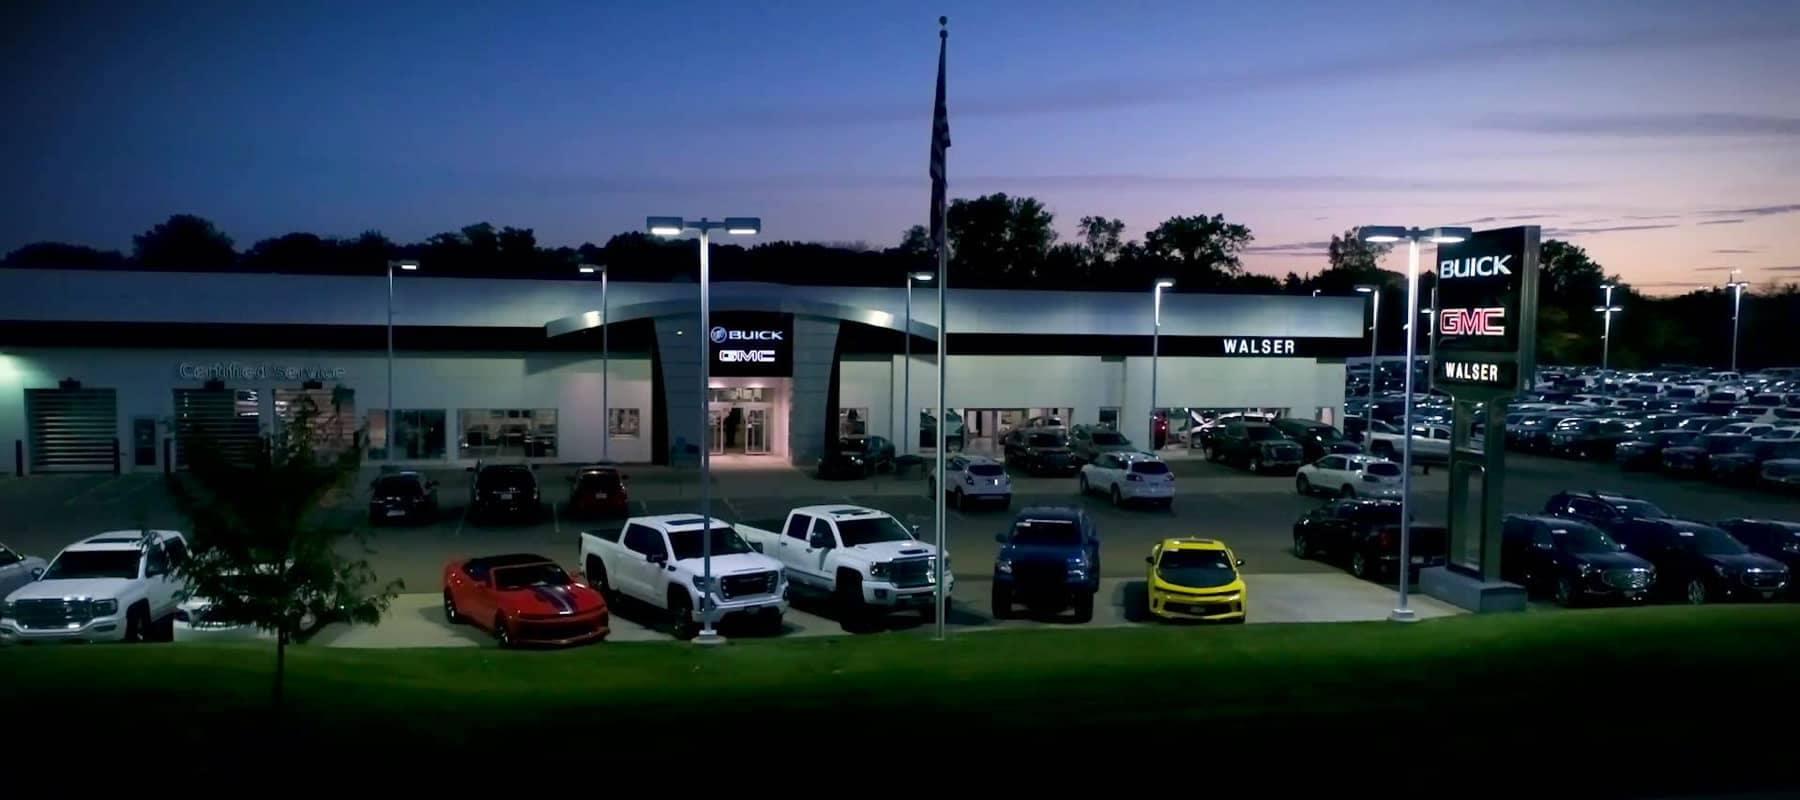 An exterior shot of a Buick GMC dealership at night